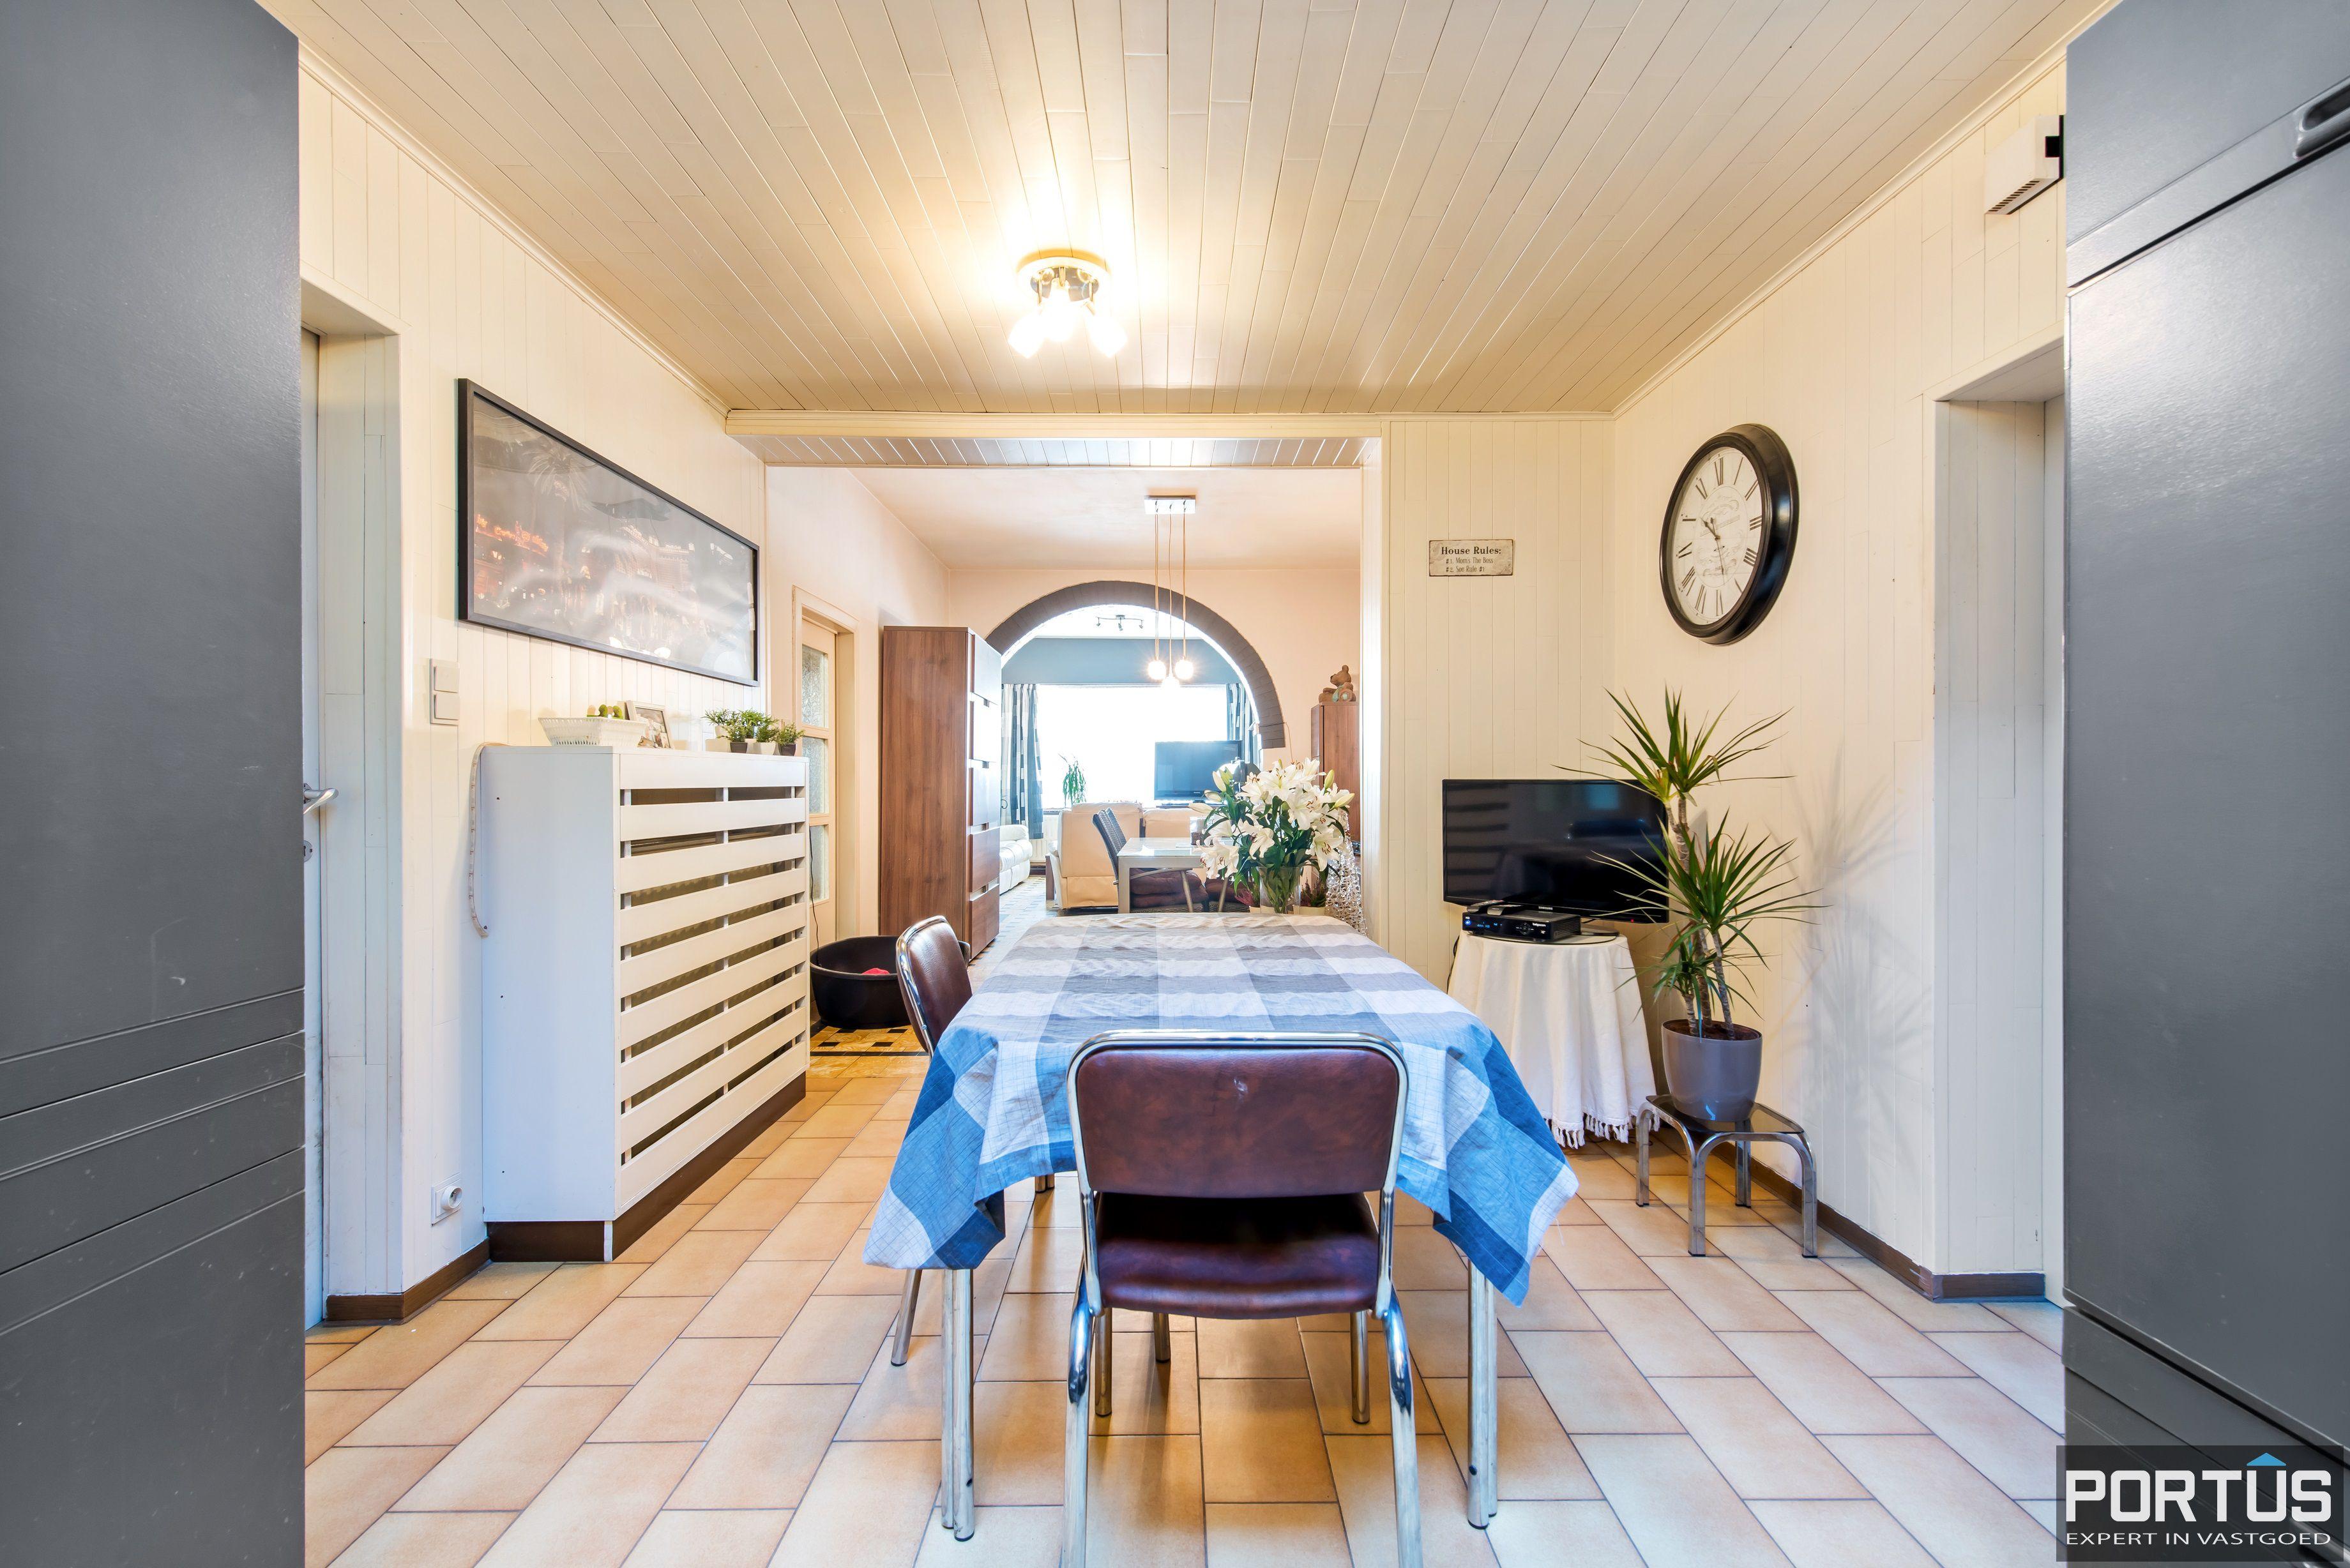 Woning met 4 slaapkamers en grote tuin te koop - 10805